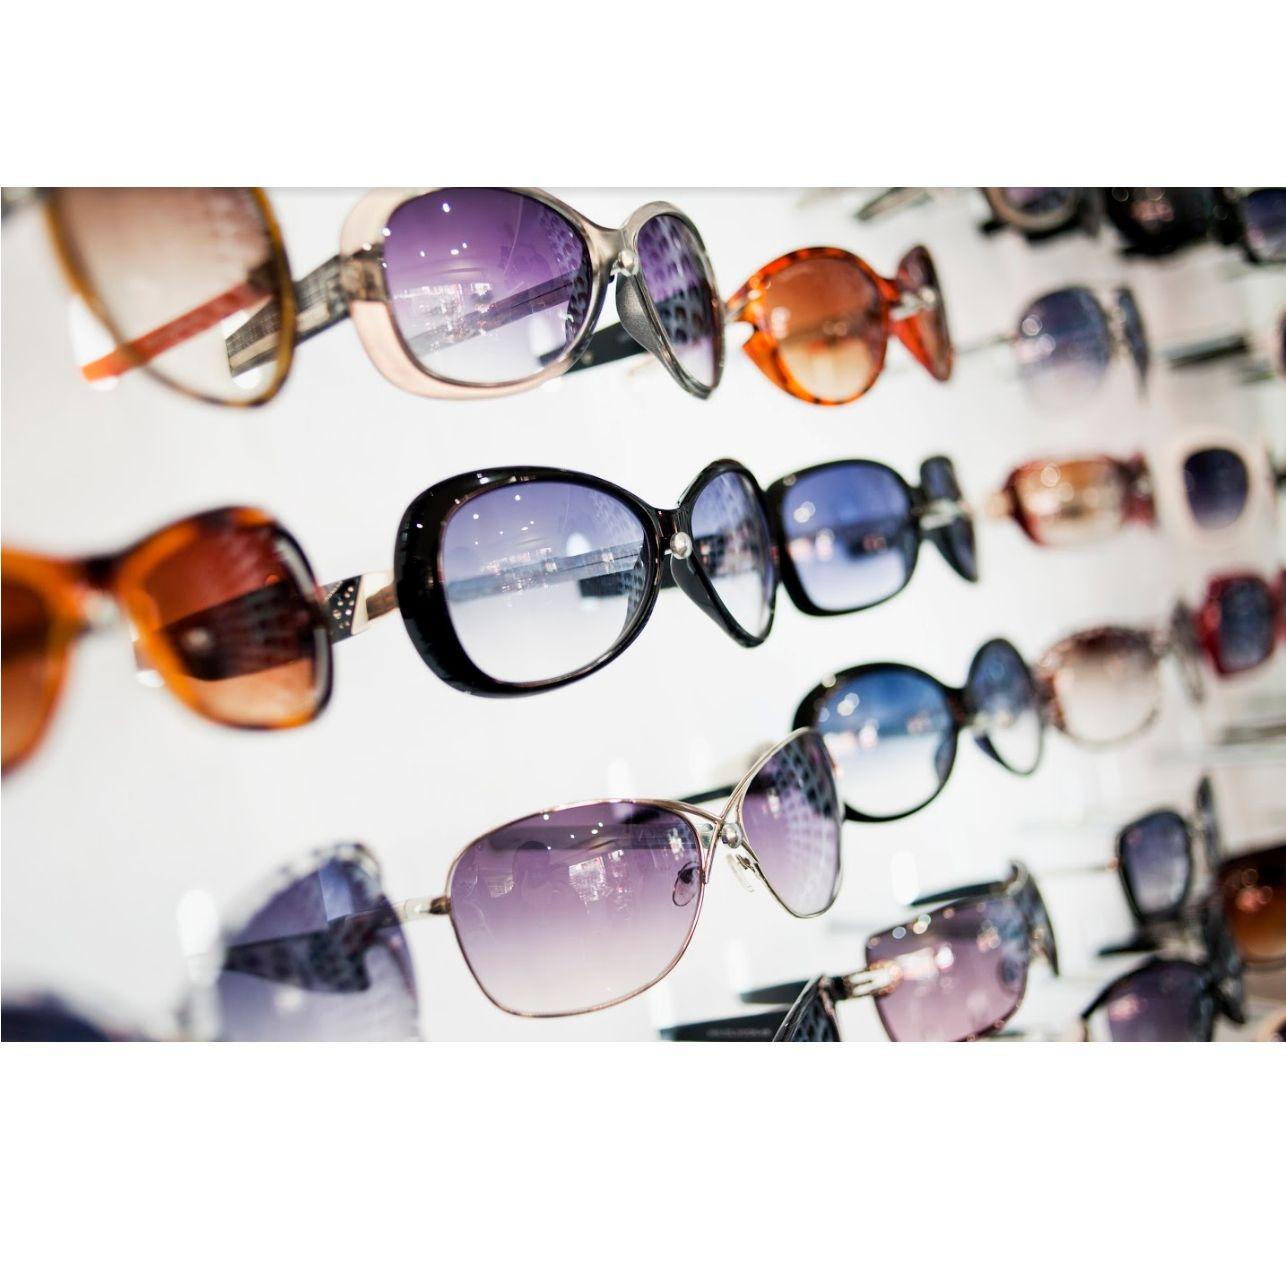 Gafas de sol: Productos y servicios de Centro Óptico El Henar